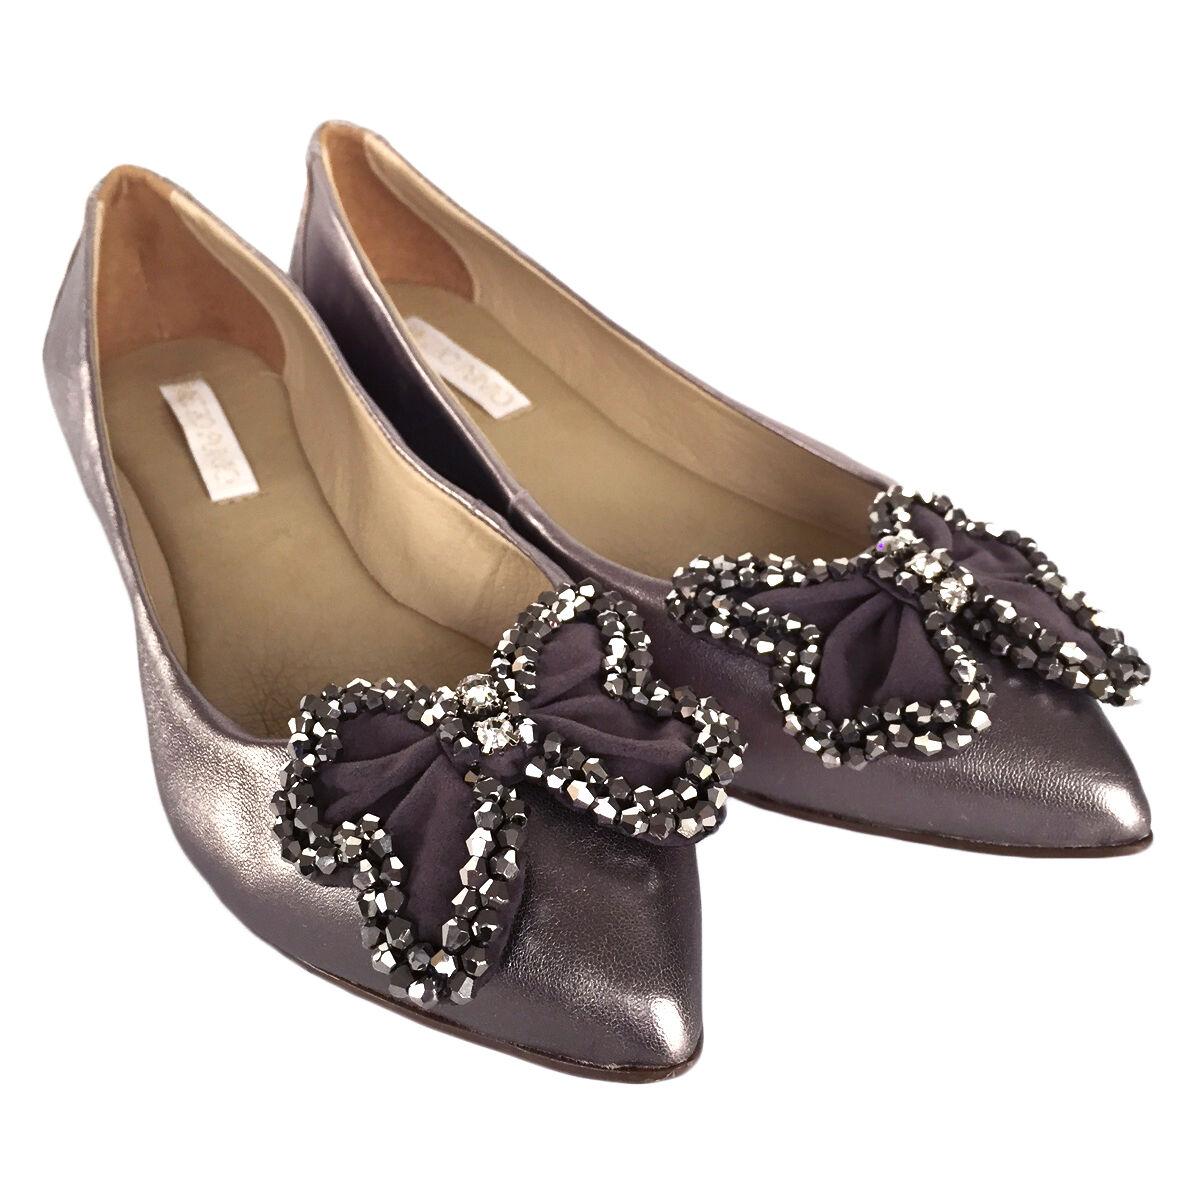 MyBrazilianSchuhes Damenschuhe Grau Silver Leder Ballet Flats Größe 5 6 7 8 9 10